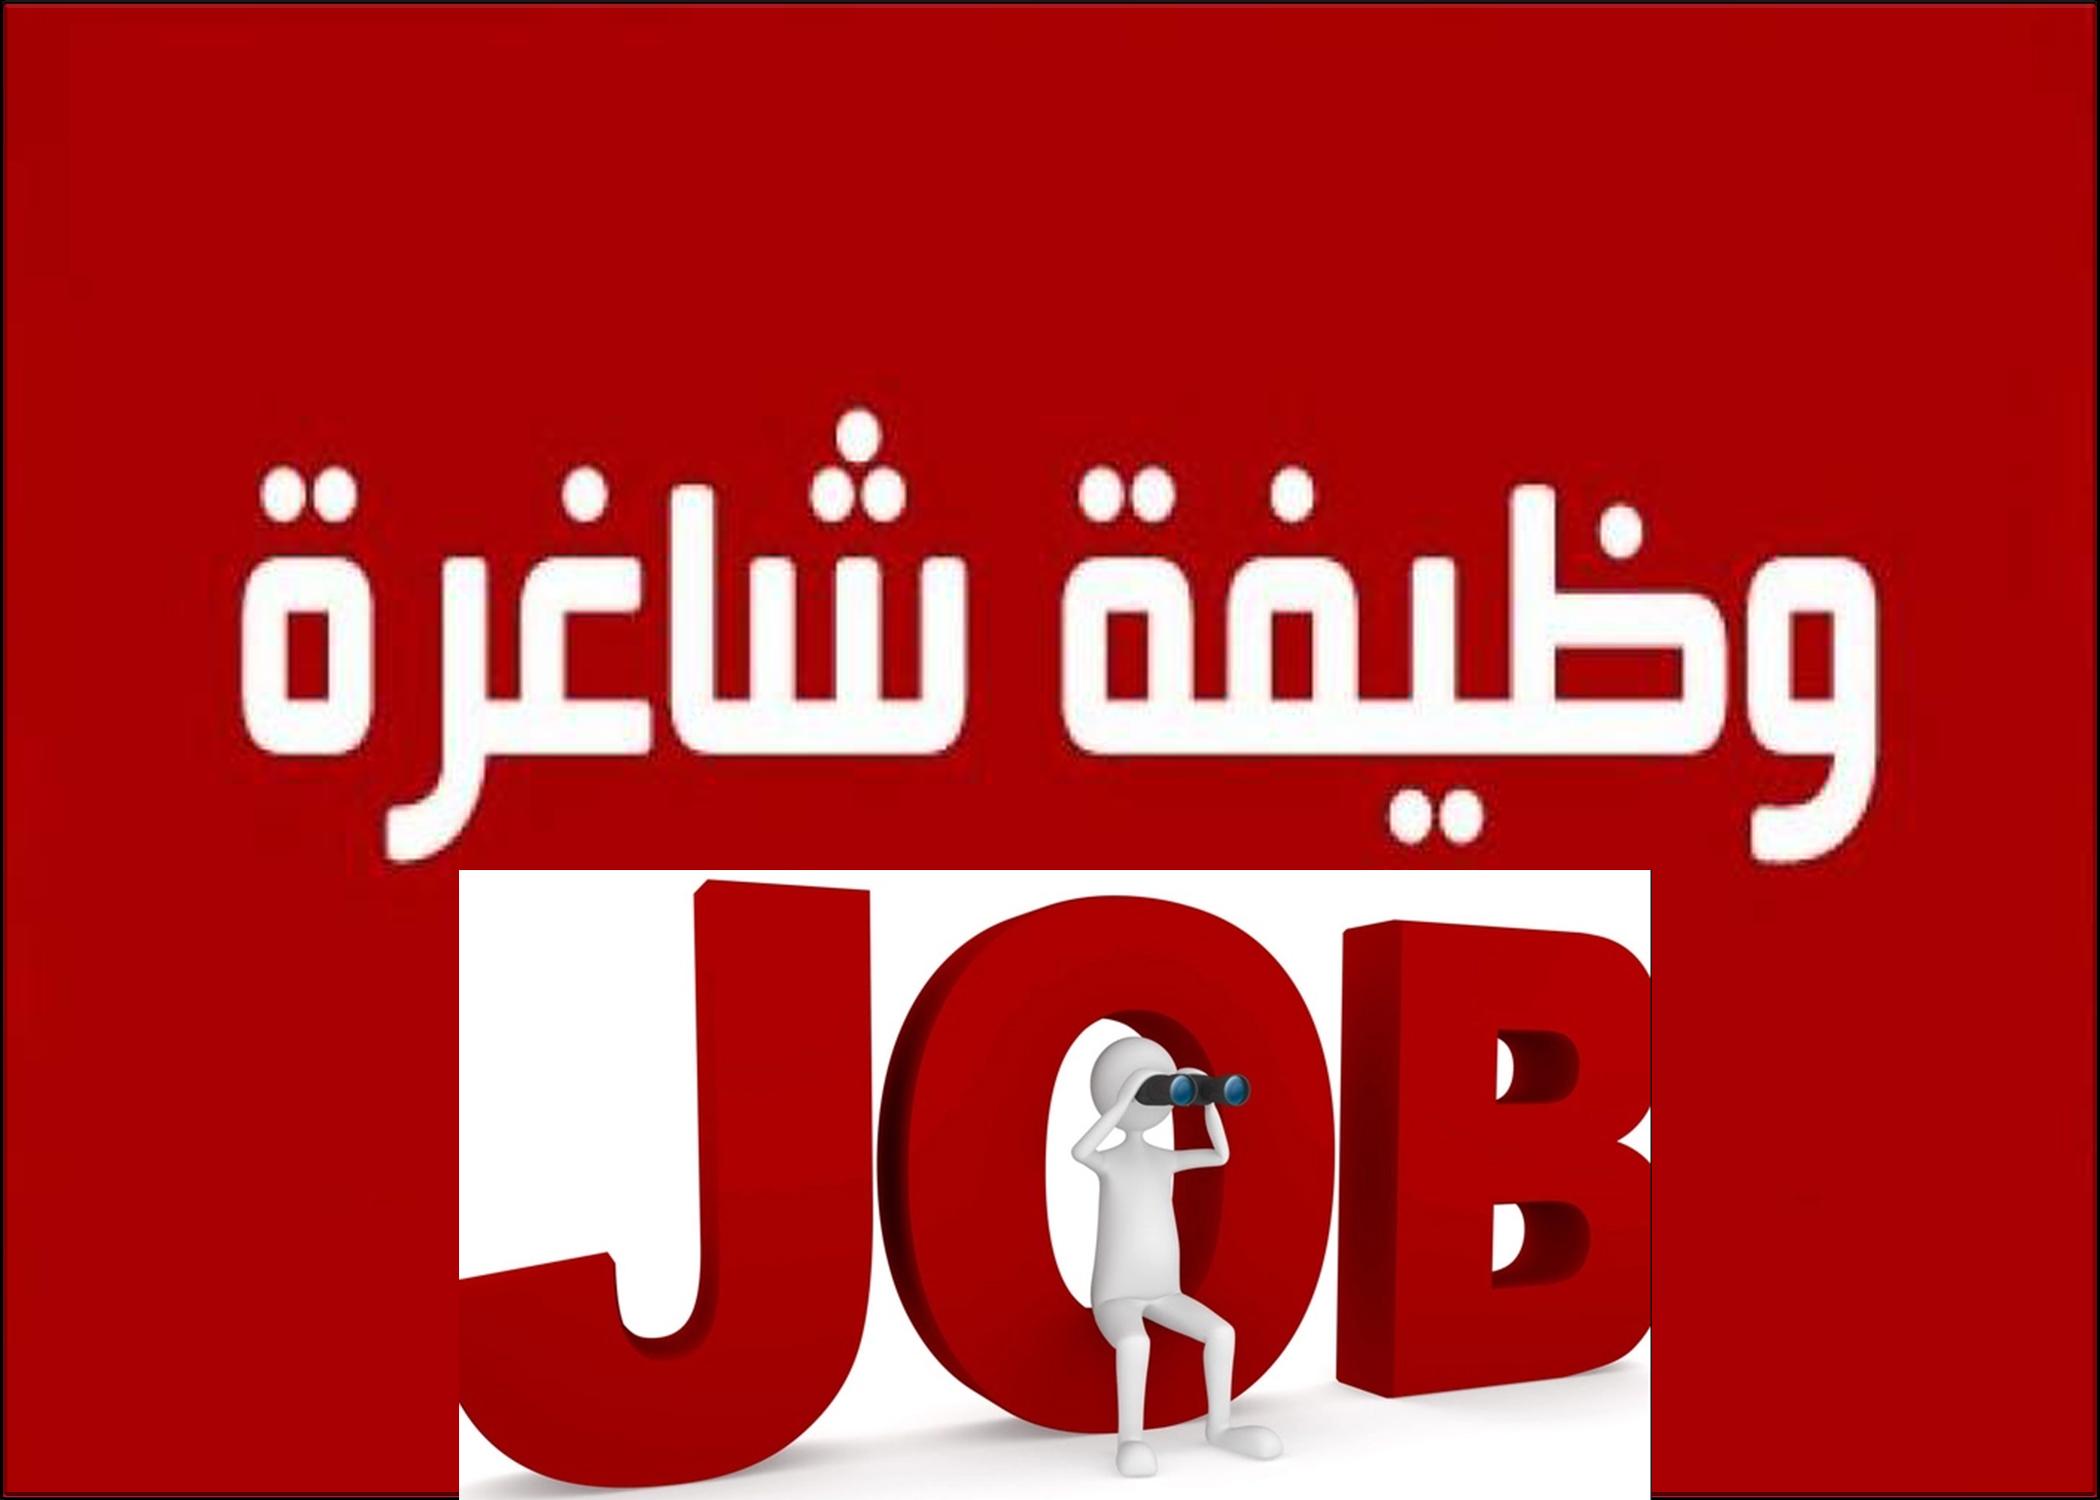 وظائف شاغرة لكبرى مراكز التربيه الخاصة في السعودية